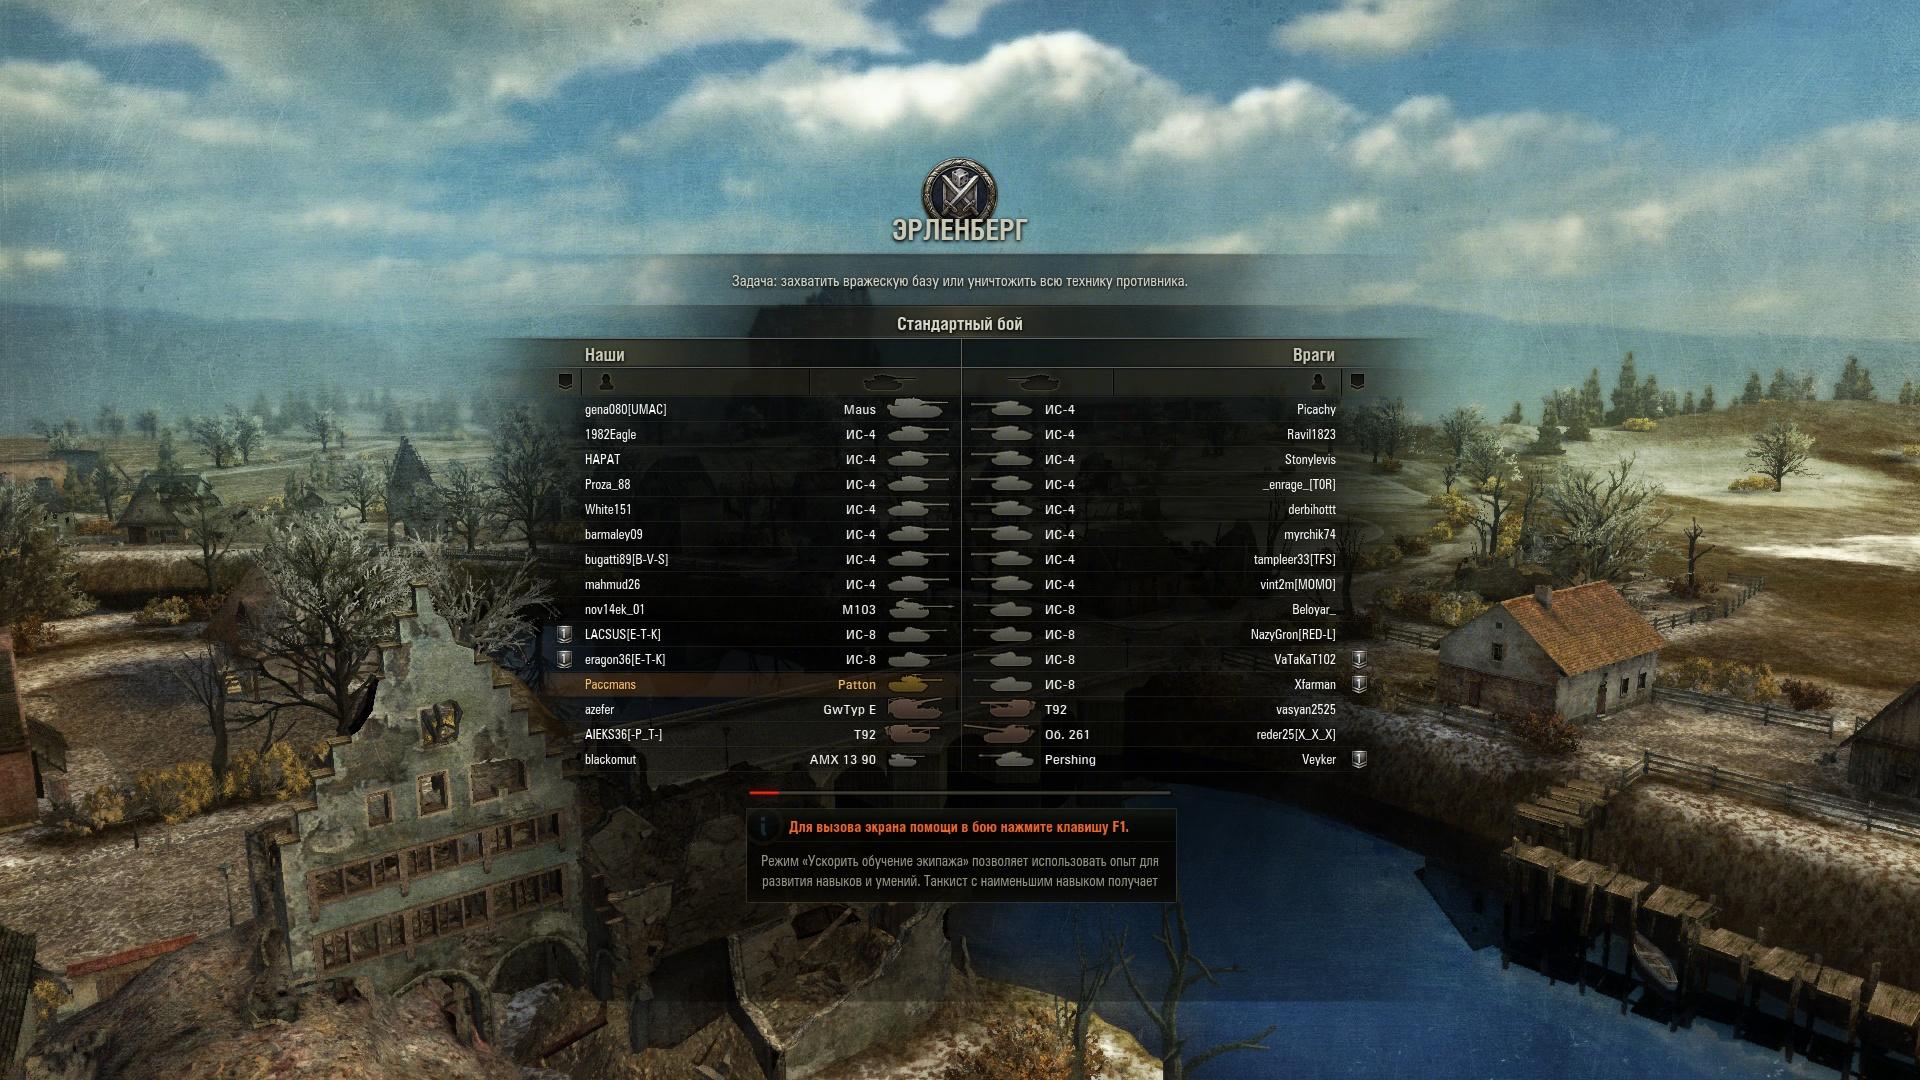 Прицел для world of tanks патч 0 7 3